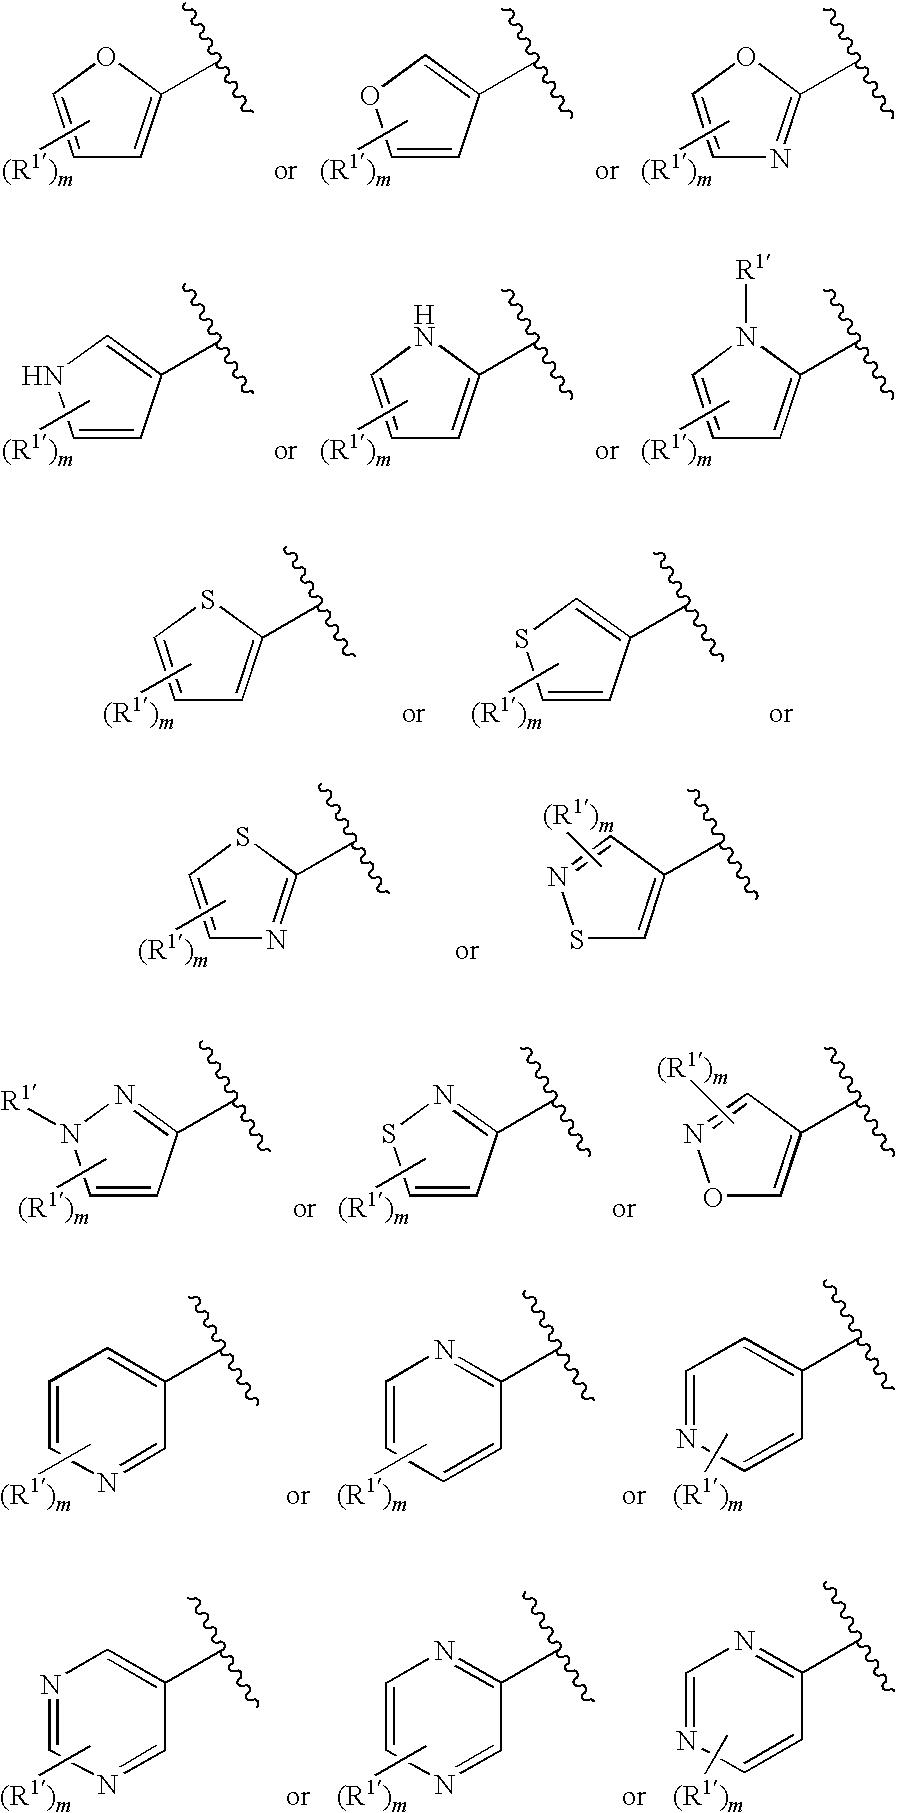 Figure US20090111834A1-20090430-C00022